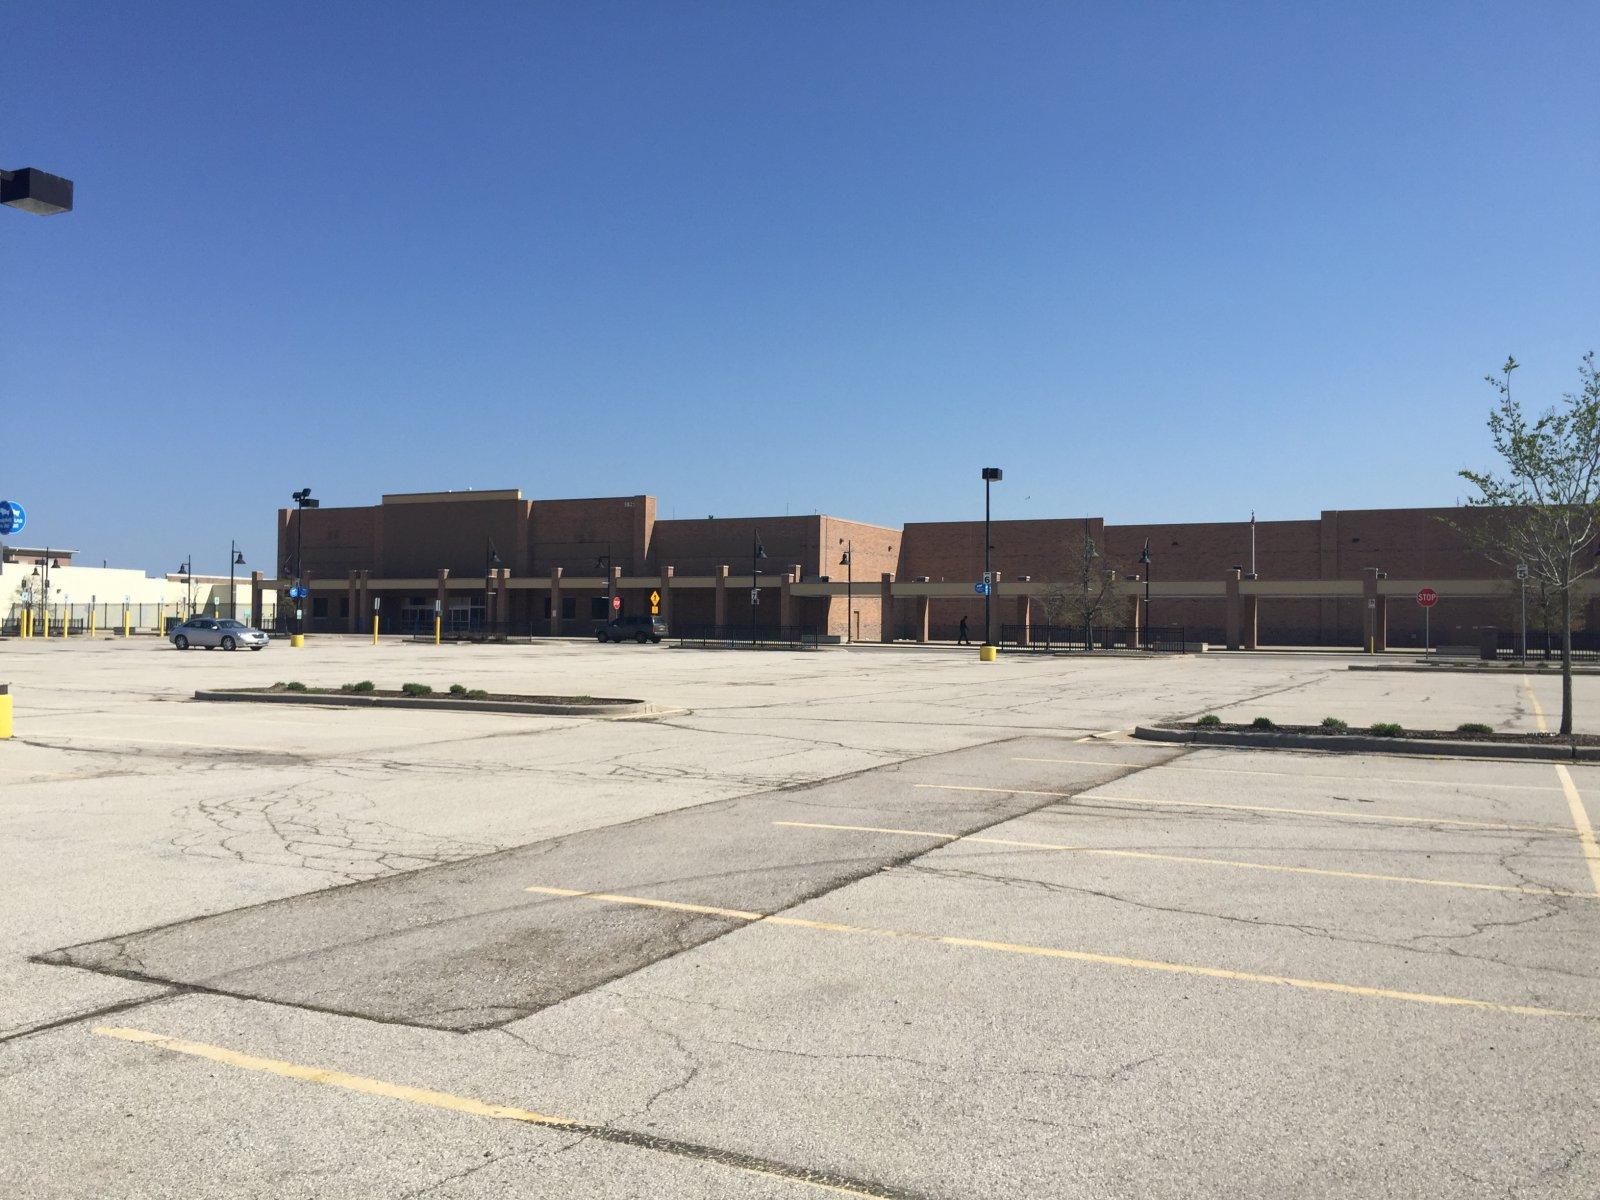 Vacant Wal-Mart at 5825 W. Hope Ave.